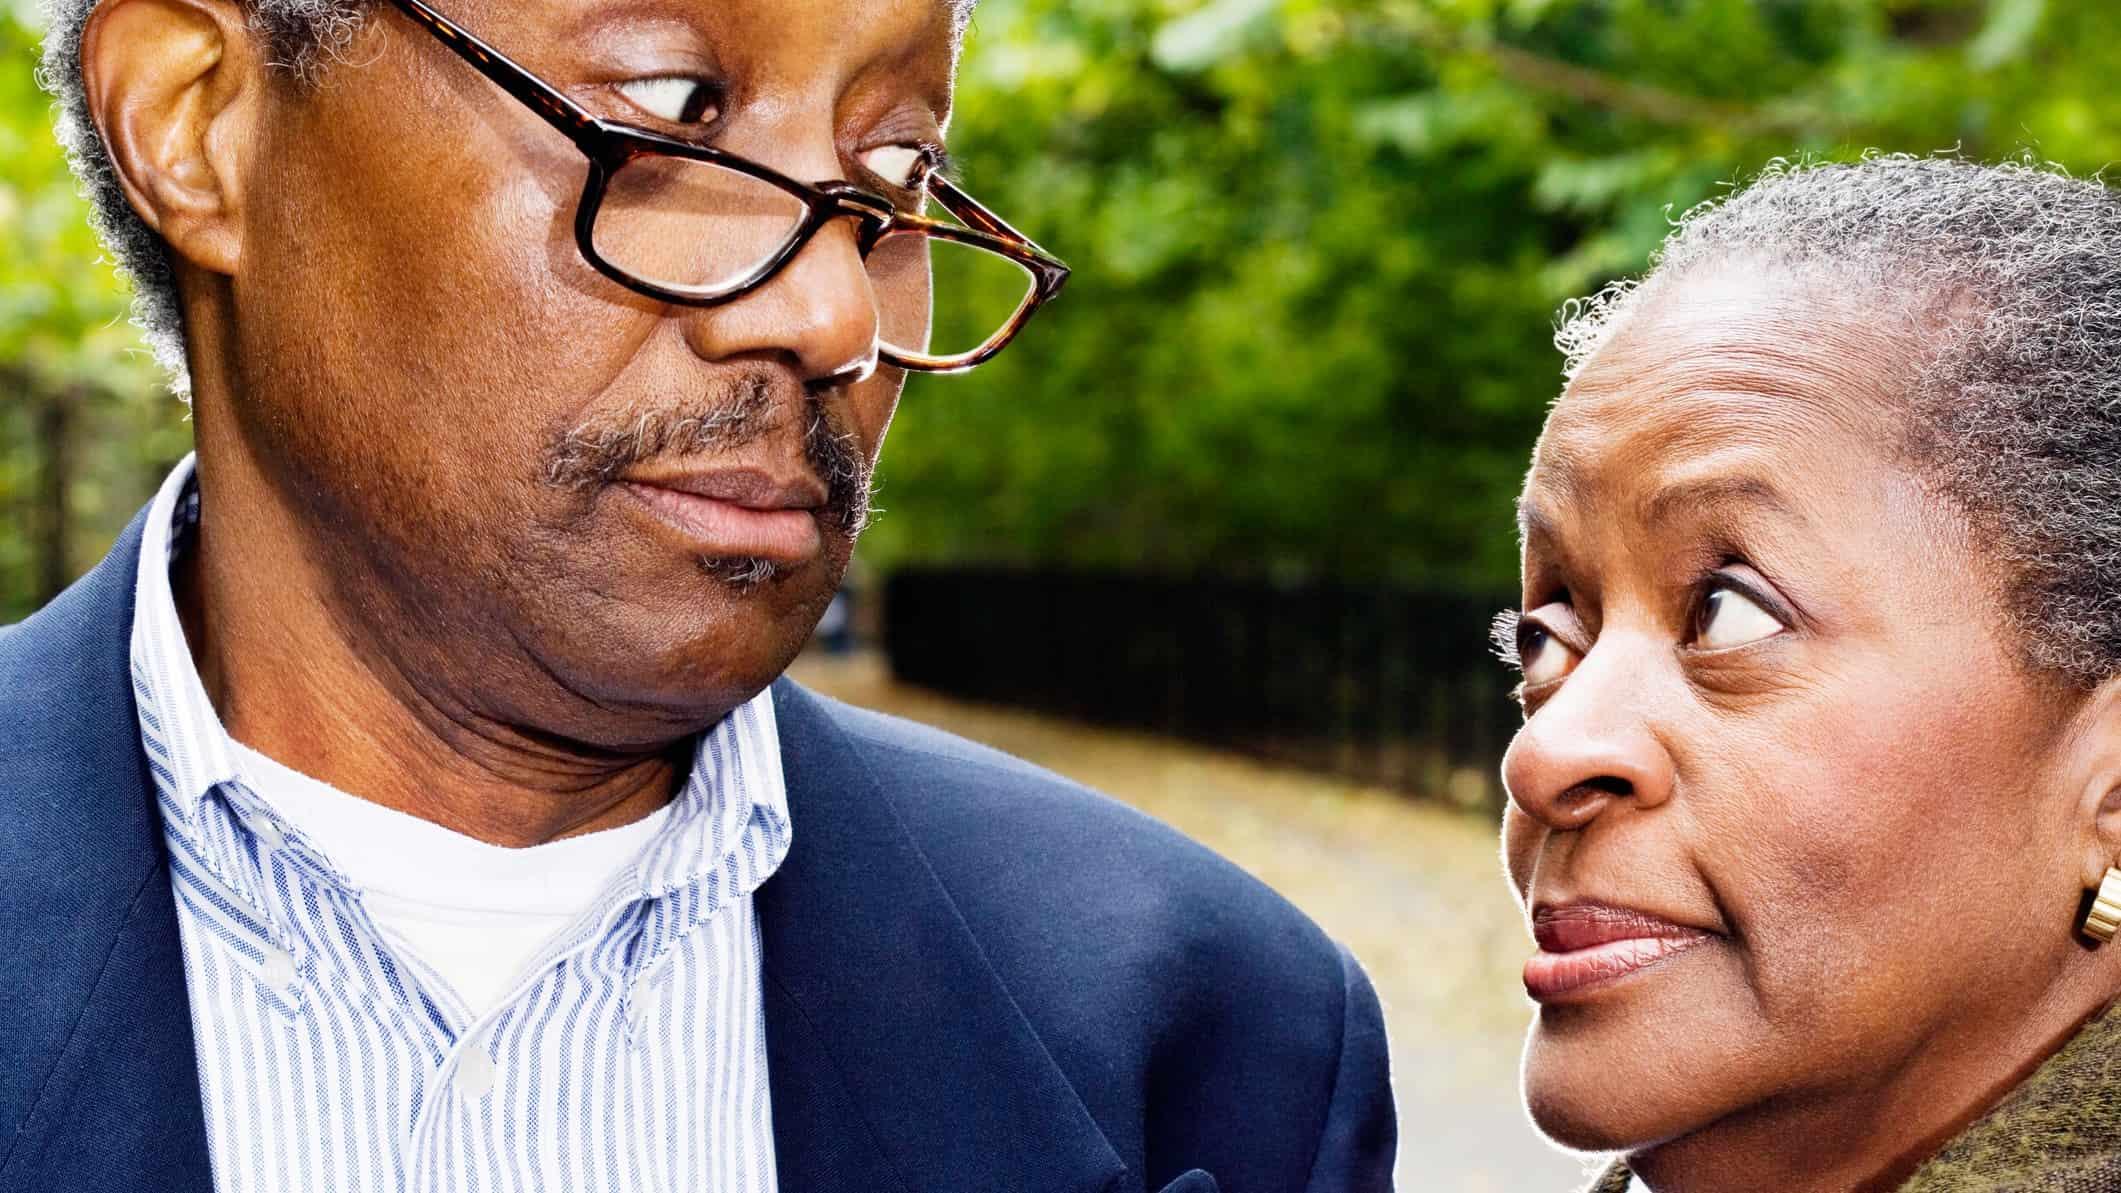 Elderly couple look sideways at each other in mild disagreement